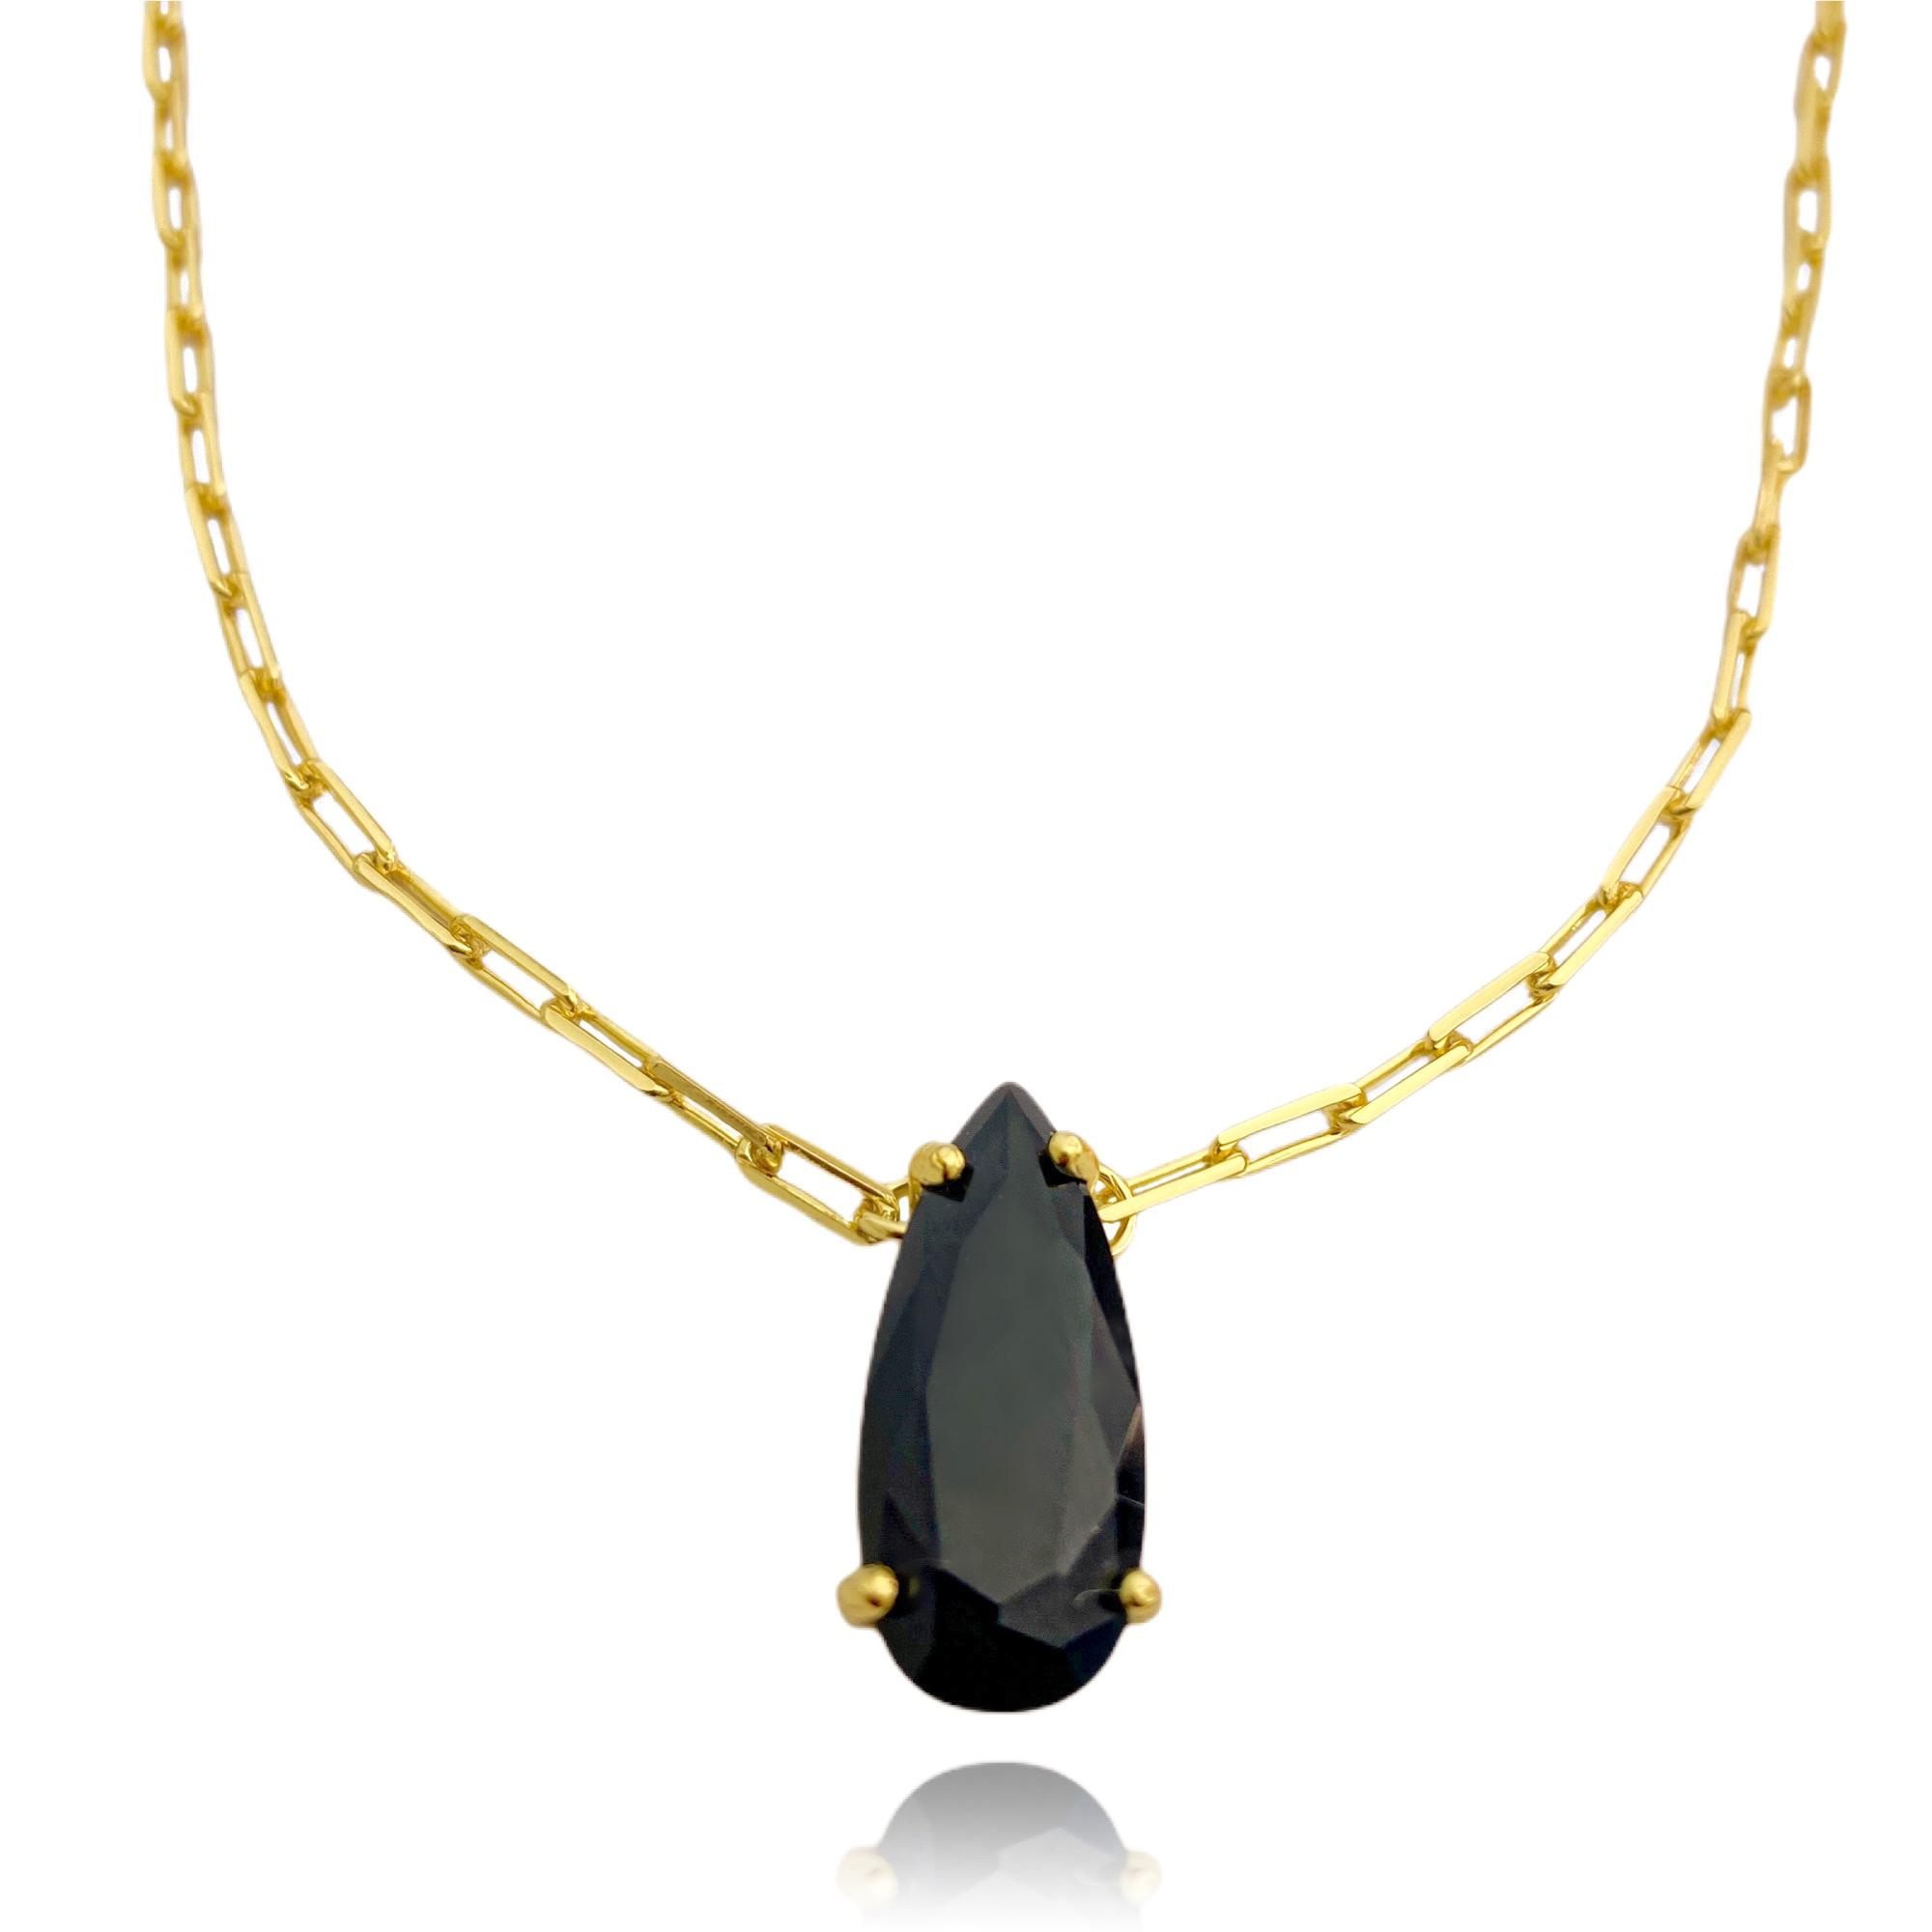 Colar Pedra de Zircônia Preta Carrier Diamantada 8,2g (Banho Ouro 24k)